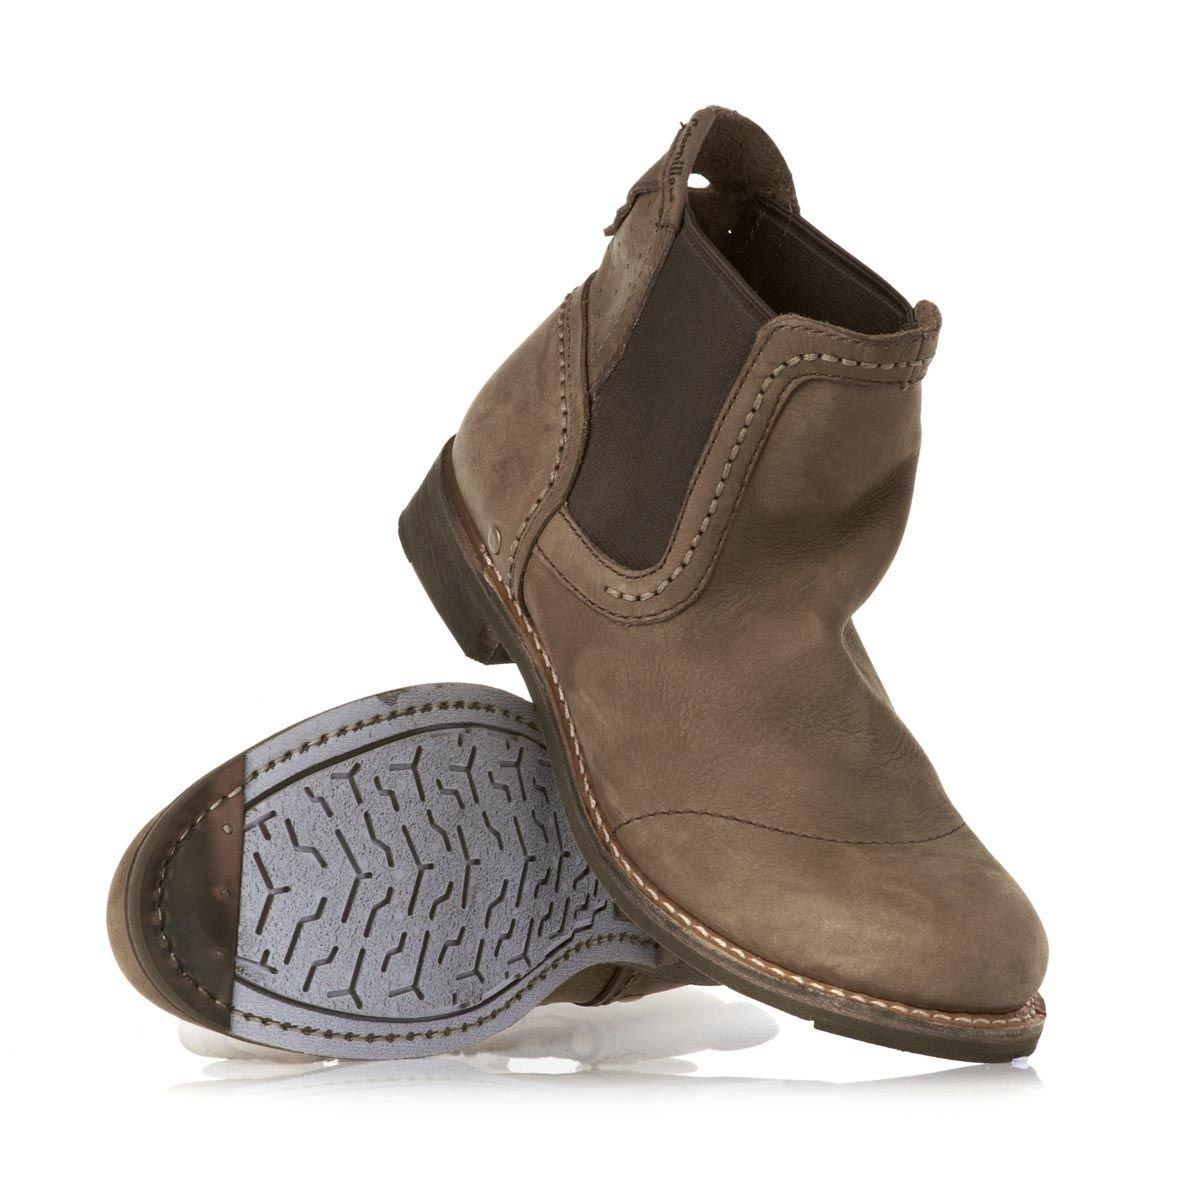 4445dad9e5e New Mens CAT Caterpillar Raw Moe Desert Dealer Chelsea Boots Size 11 ...